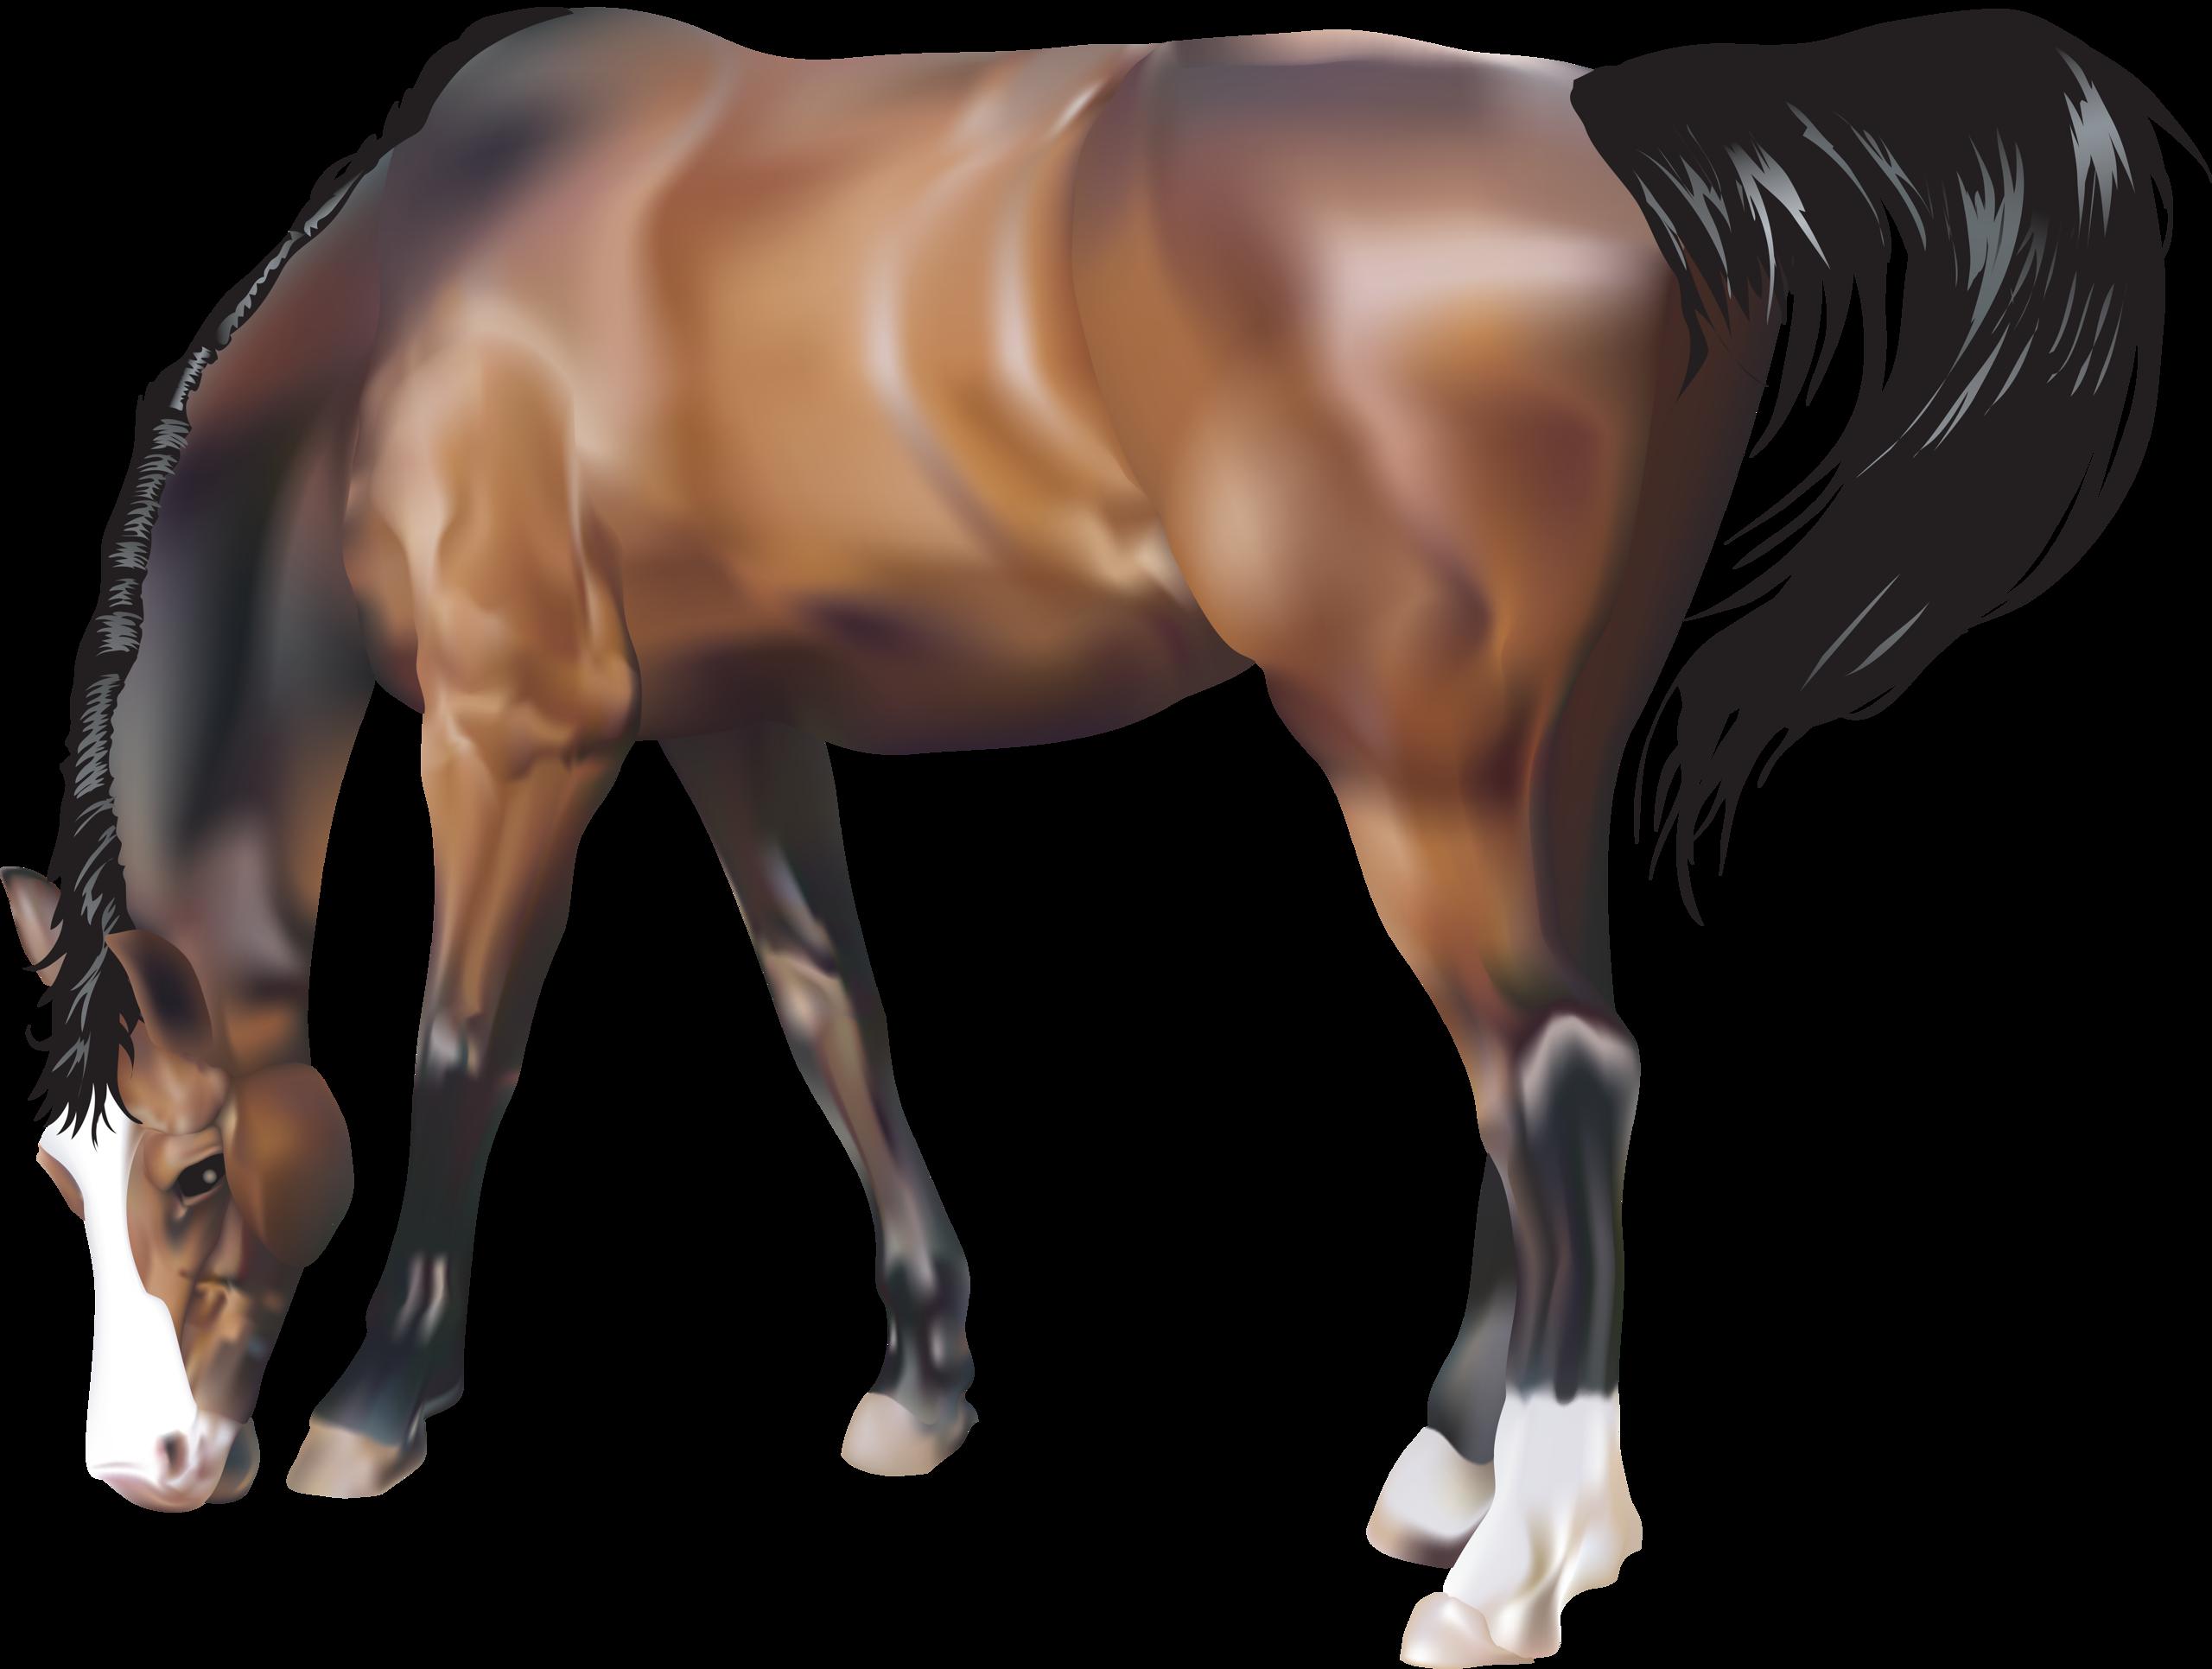 условием лошадь рисунок без фона которую можно использовать